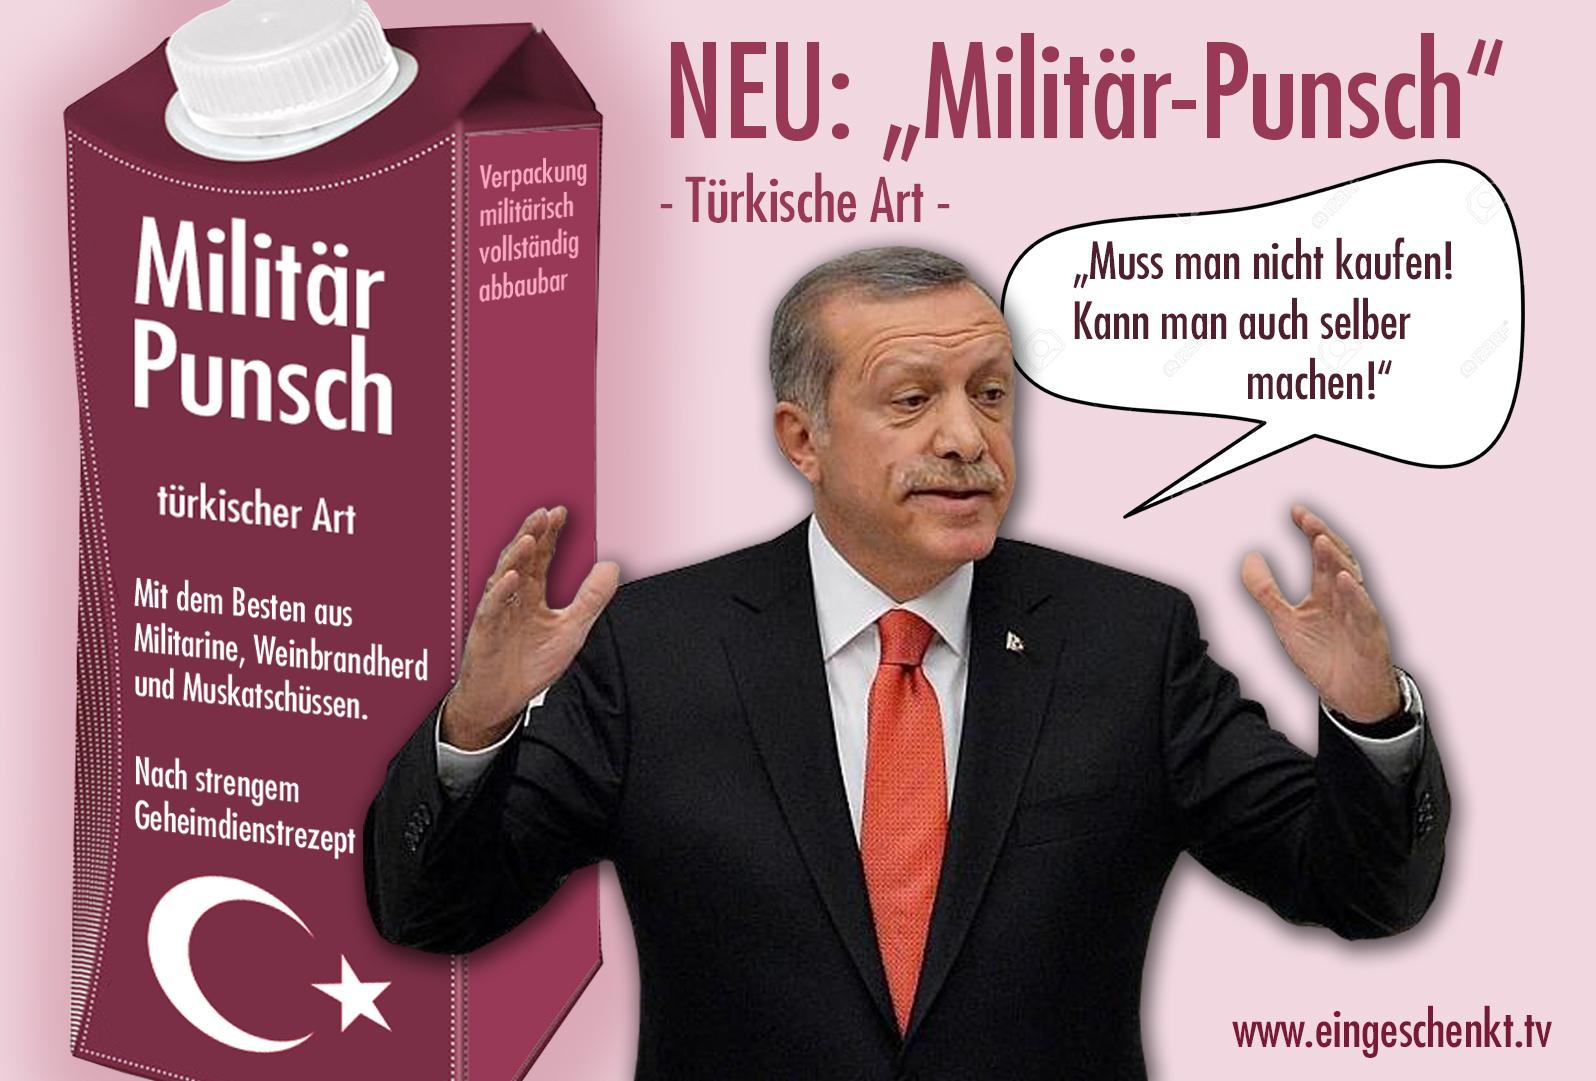 Militär-Punsch (türkischer Art)